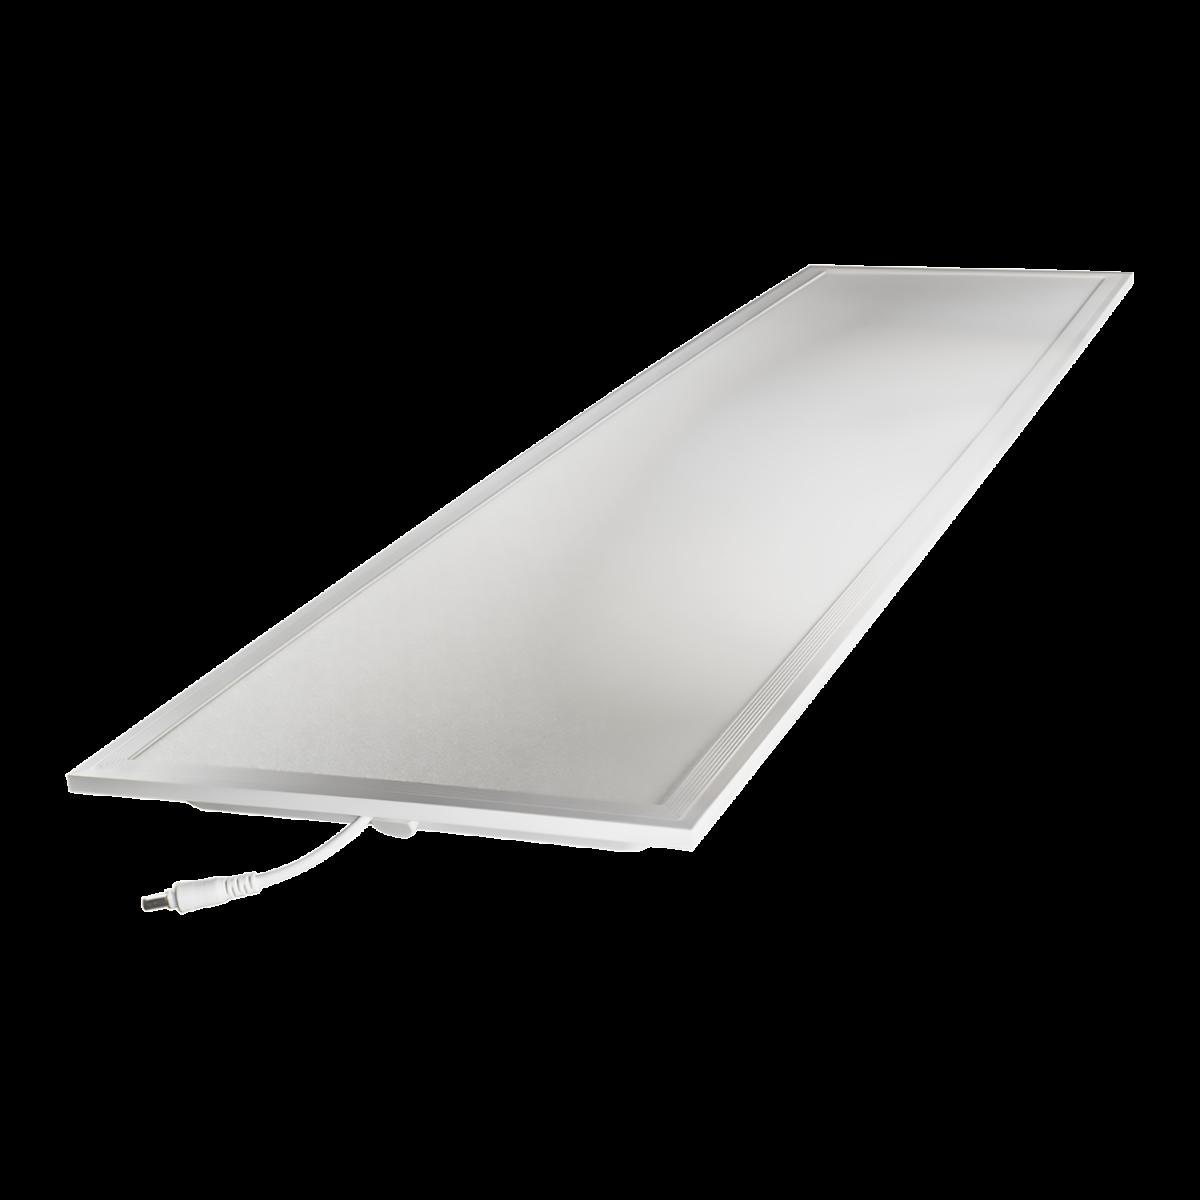 Noxion LED Paneel Delta Pro Highlum V2.0 40W 30x120cm 3000K 5280lm UGR <19 | Vervanger voor 2x36W